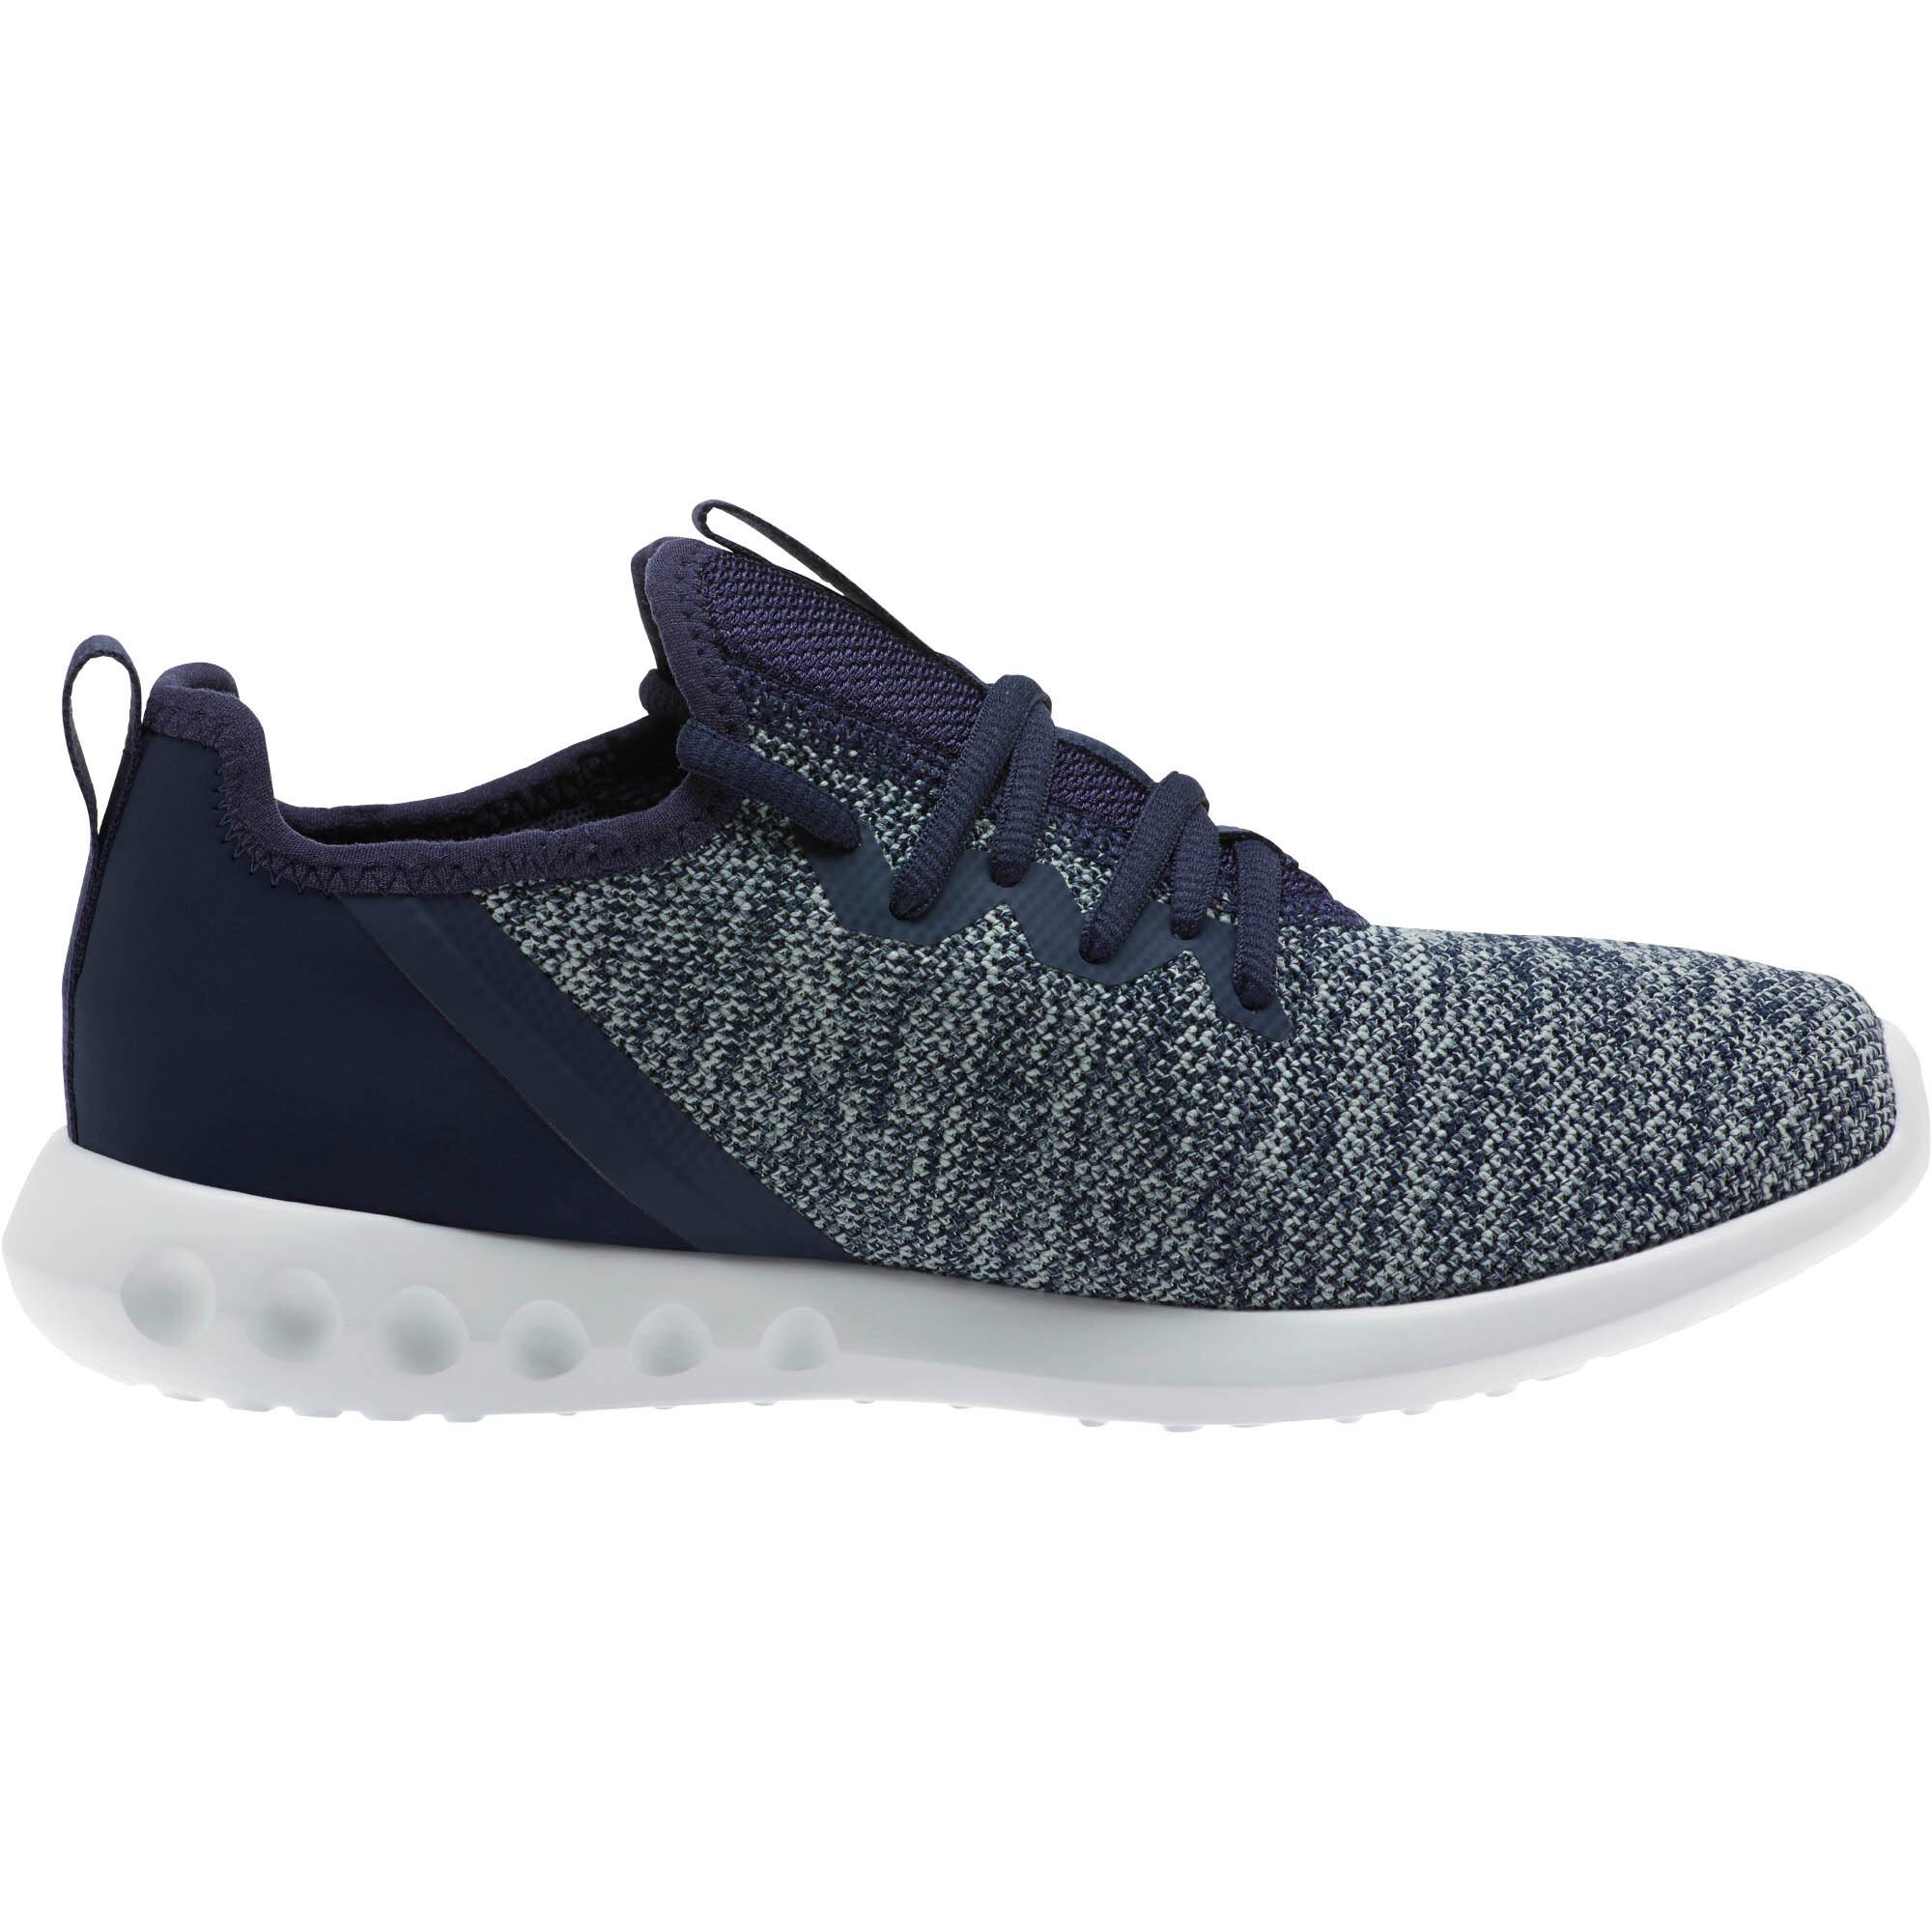 PUMA-Carson-2-X-Knit-Women-s-Running-Shoes-Women-Shoe-Running thumbnail 7